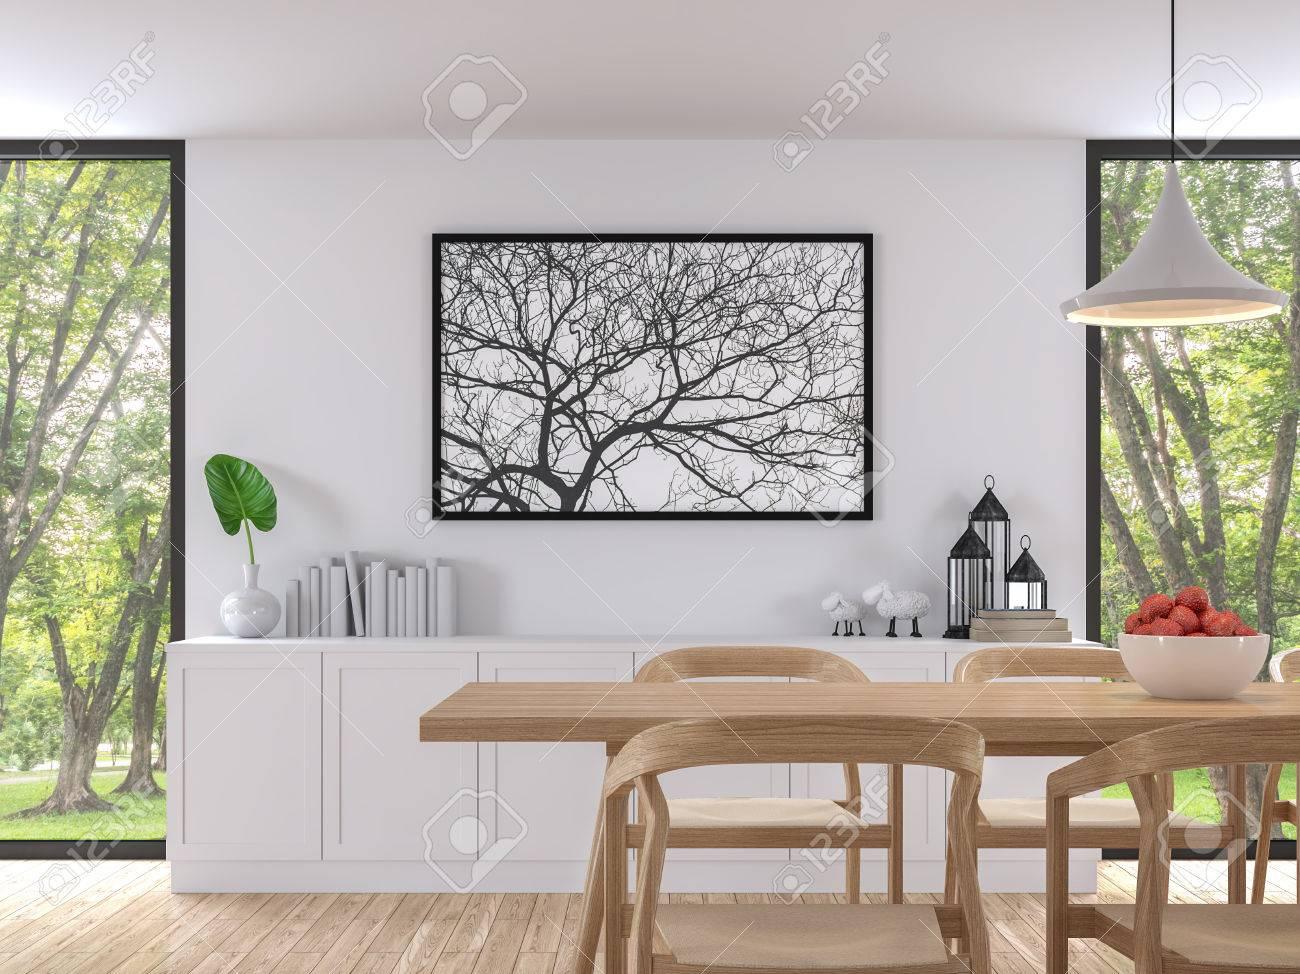 El Comedor Blanco Moderno 3d Rinde Imagen. Hay Piso De Madera. Hay ...